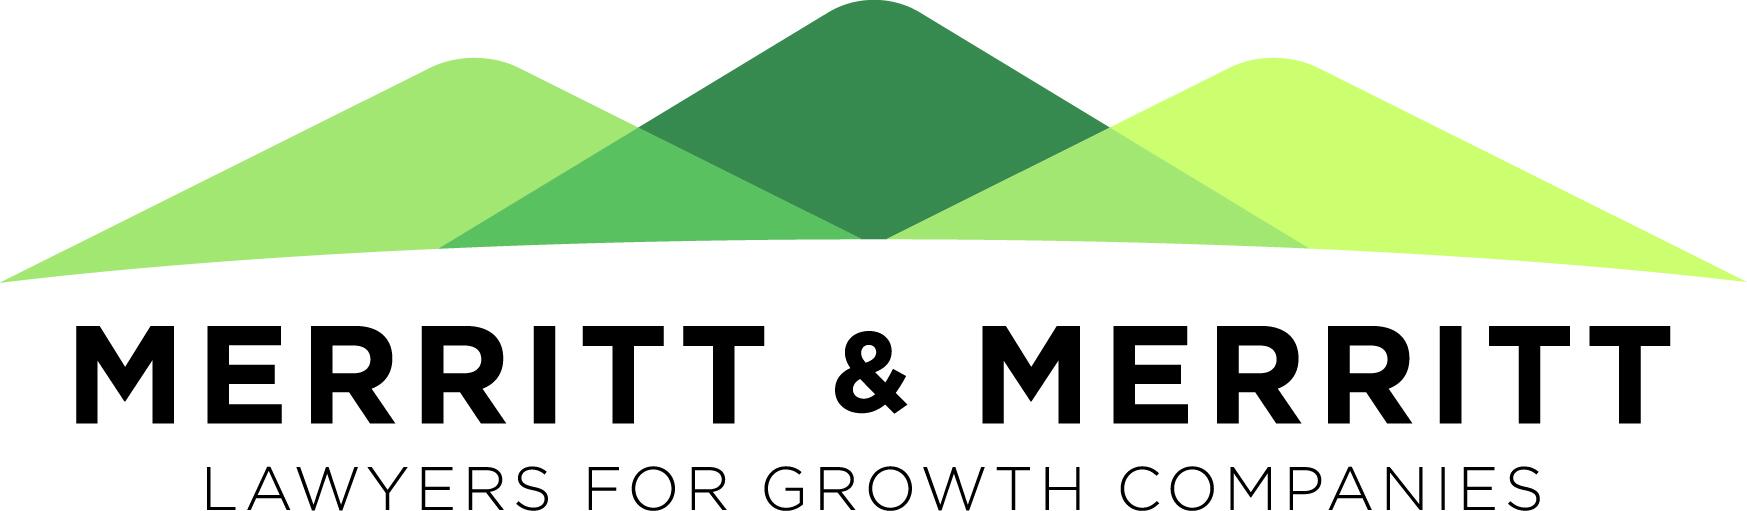 Merritt & Merritt Logo